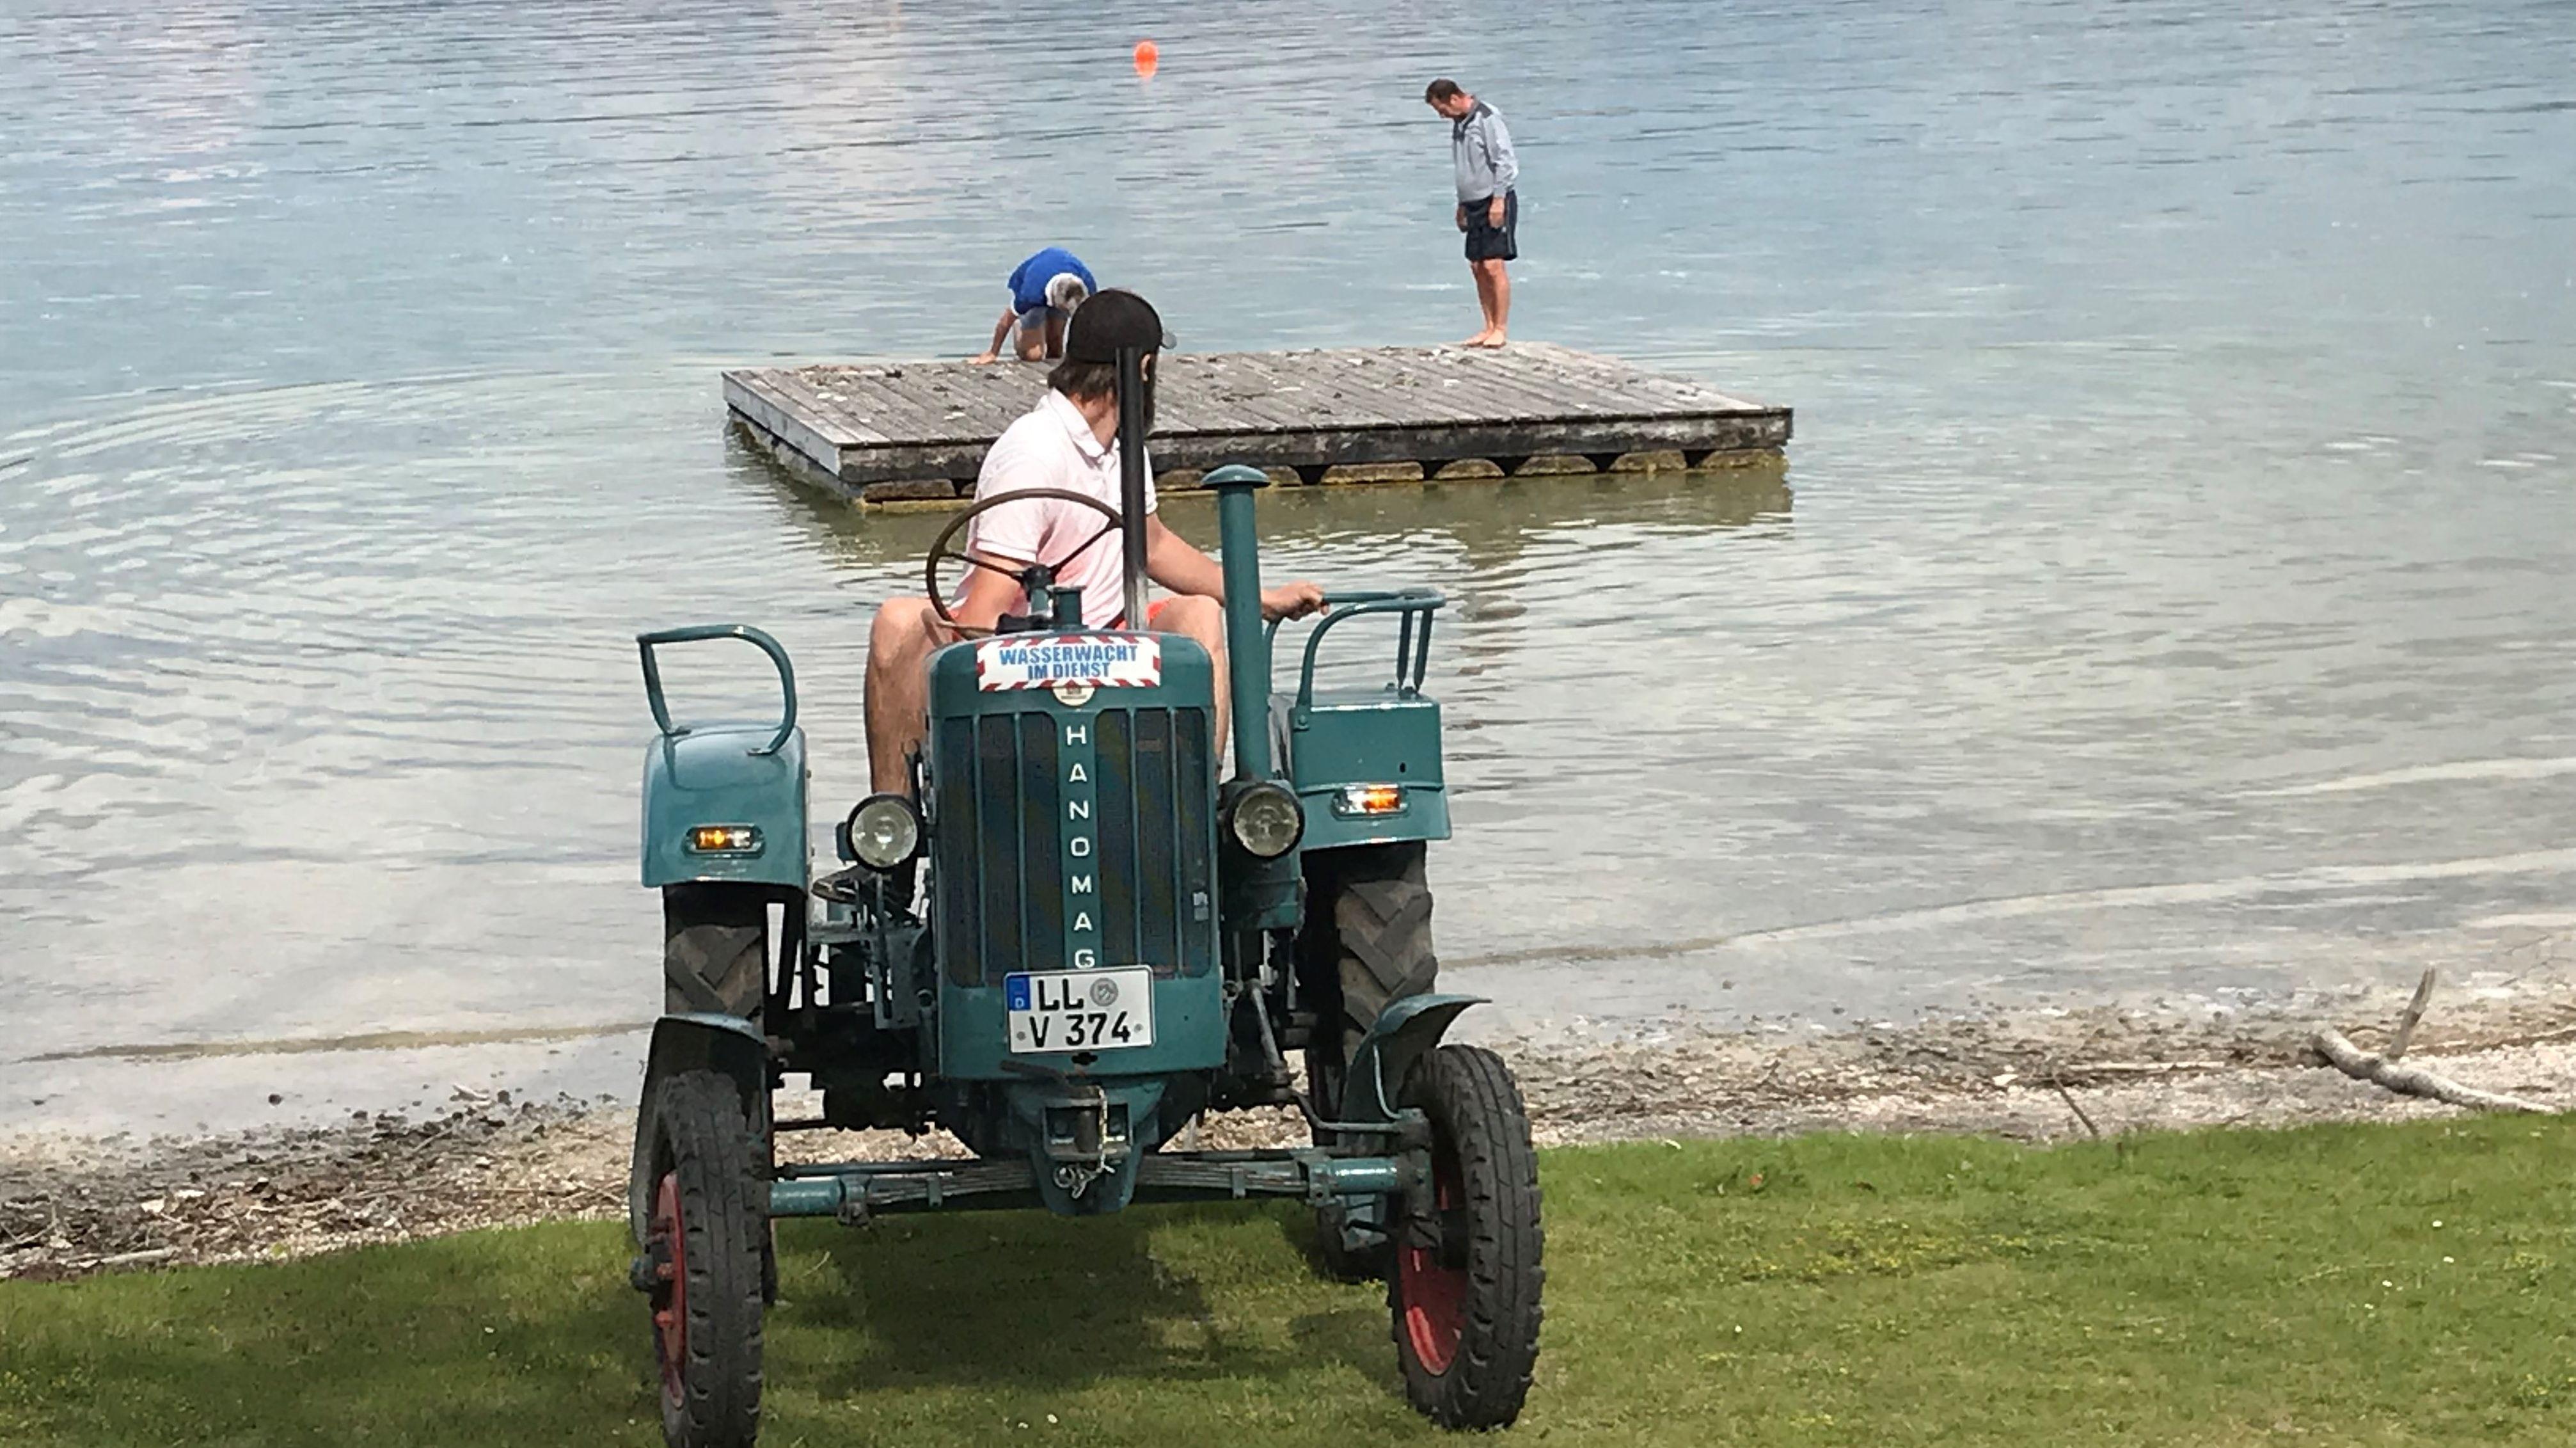 Die Gemeinde Dießen holt mit einem Traktor ihr Badefloß aus dem Wasser.